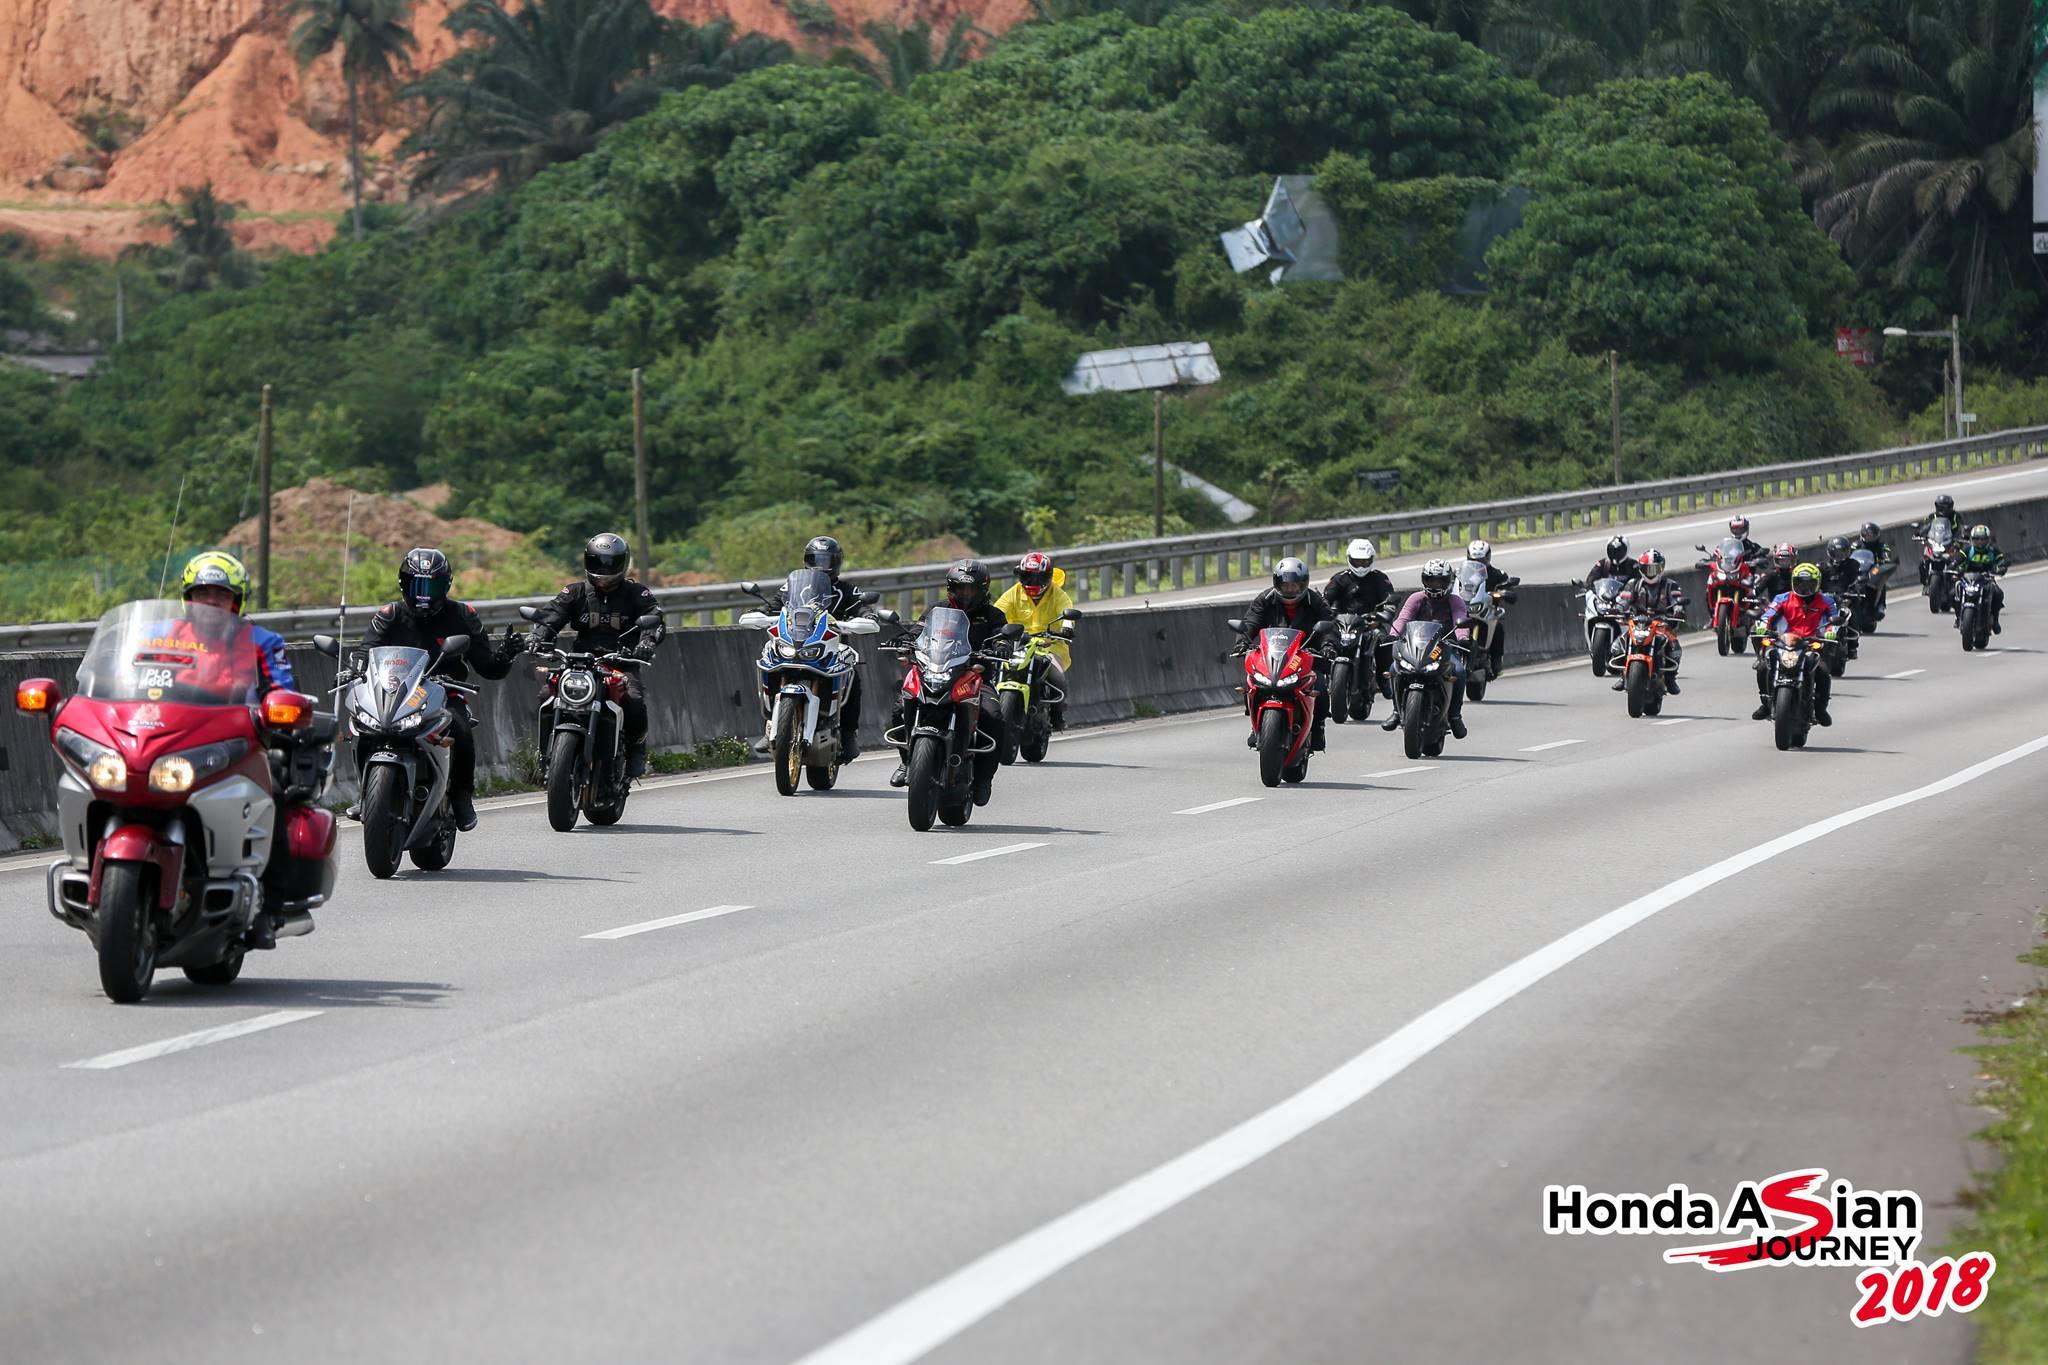 Honda_Asian_Journey_2018_Xe_Tinhte_027.jpg